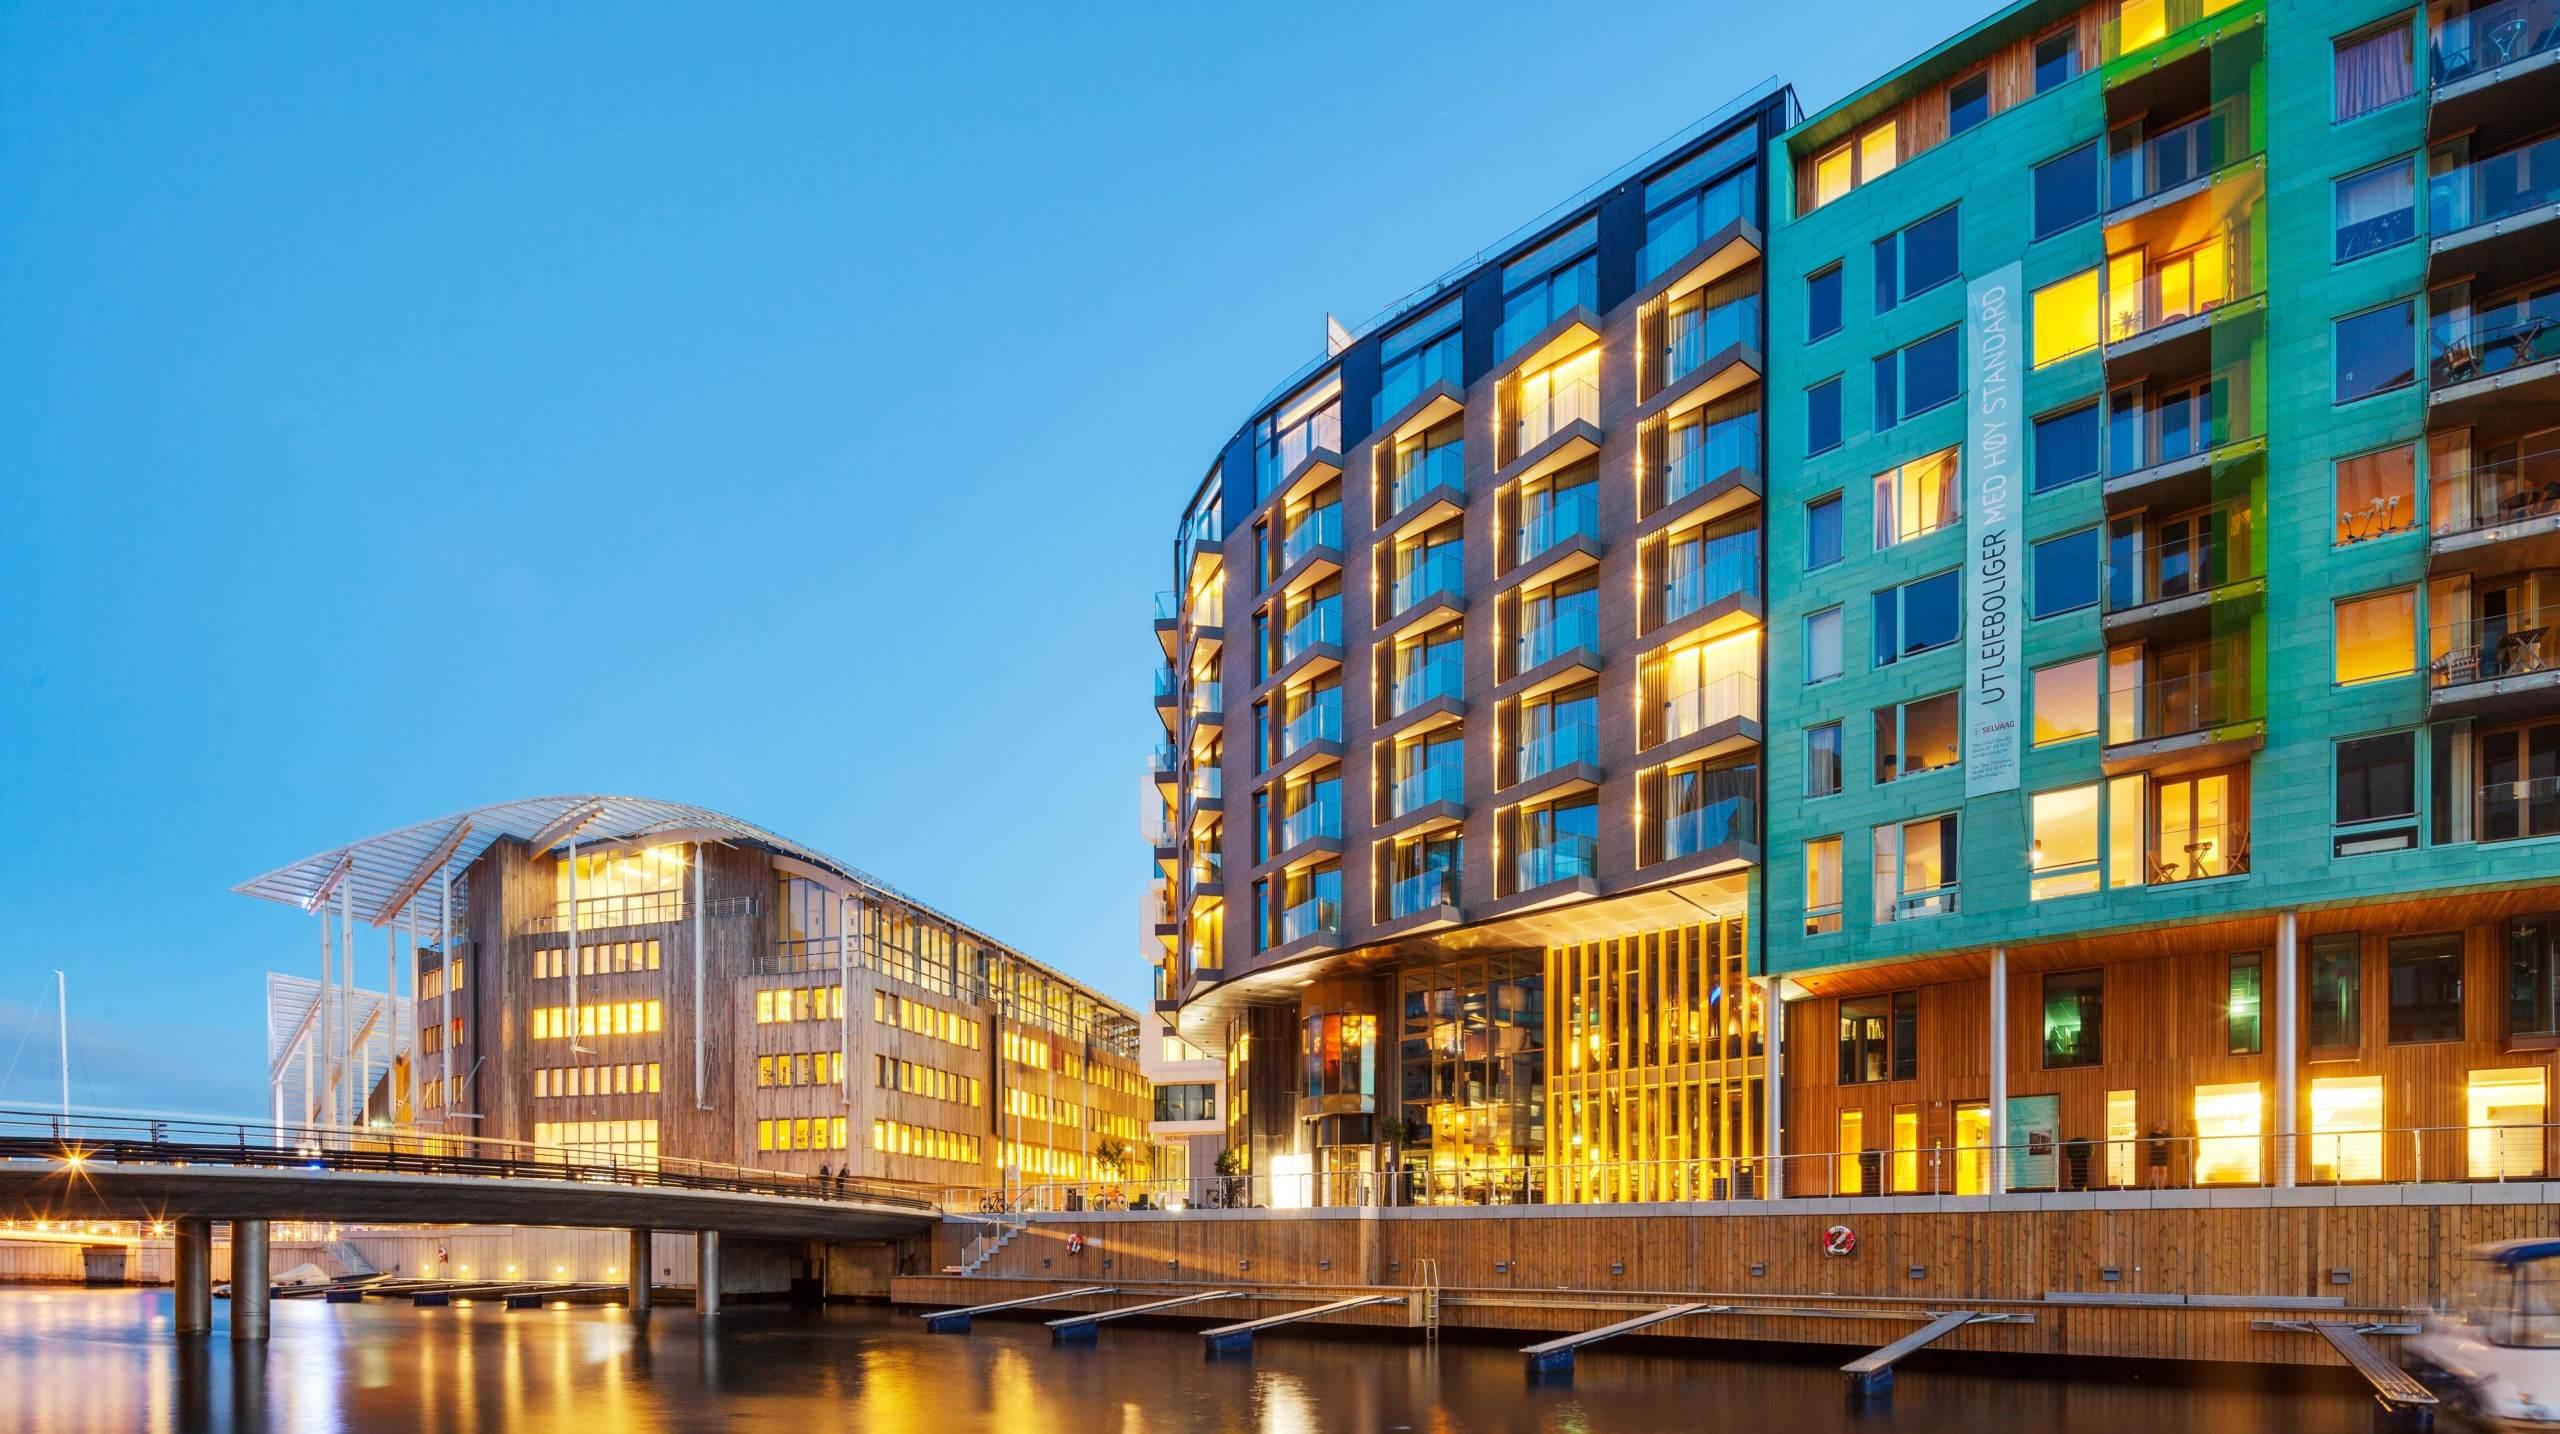 The Thief Hotell i Oslo